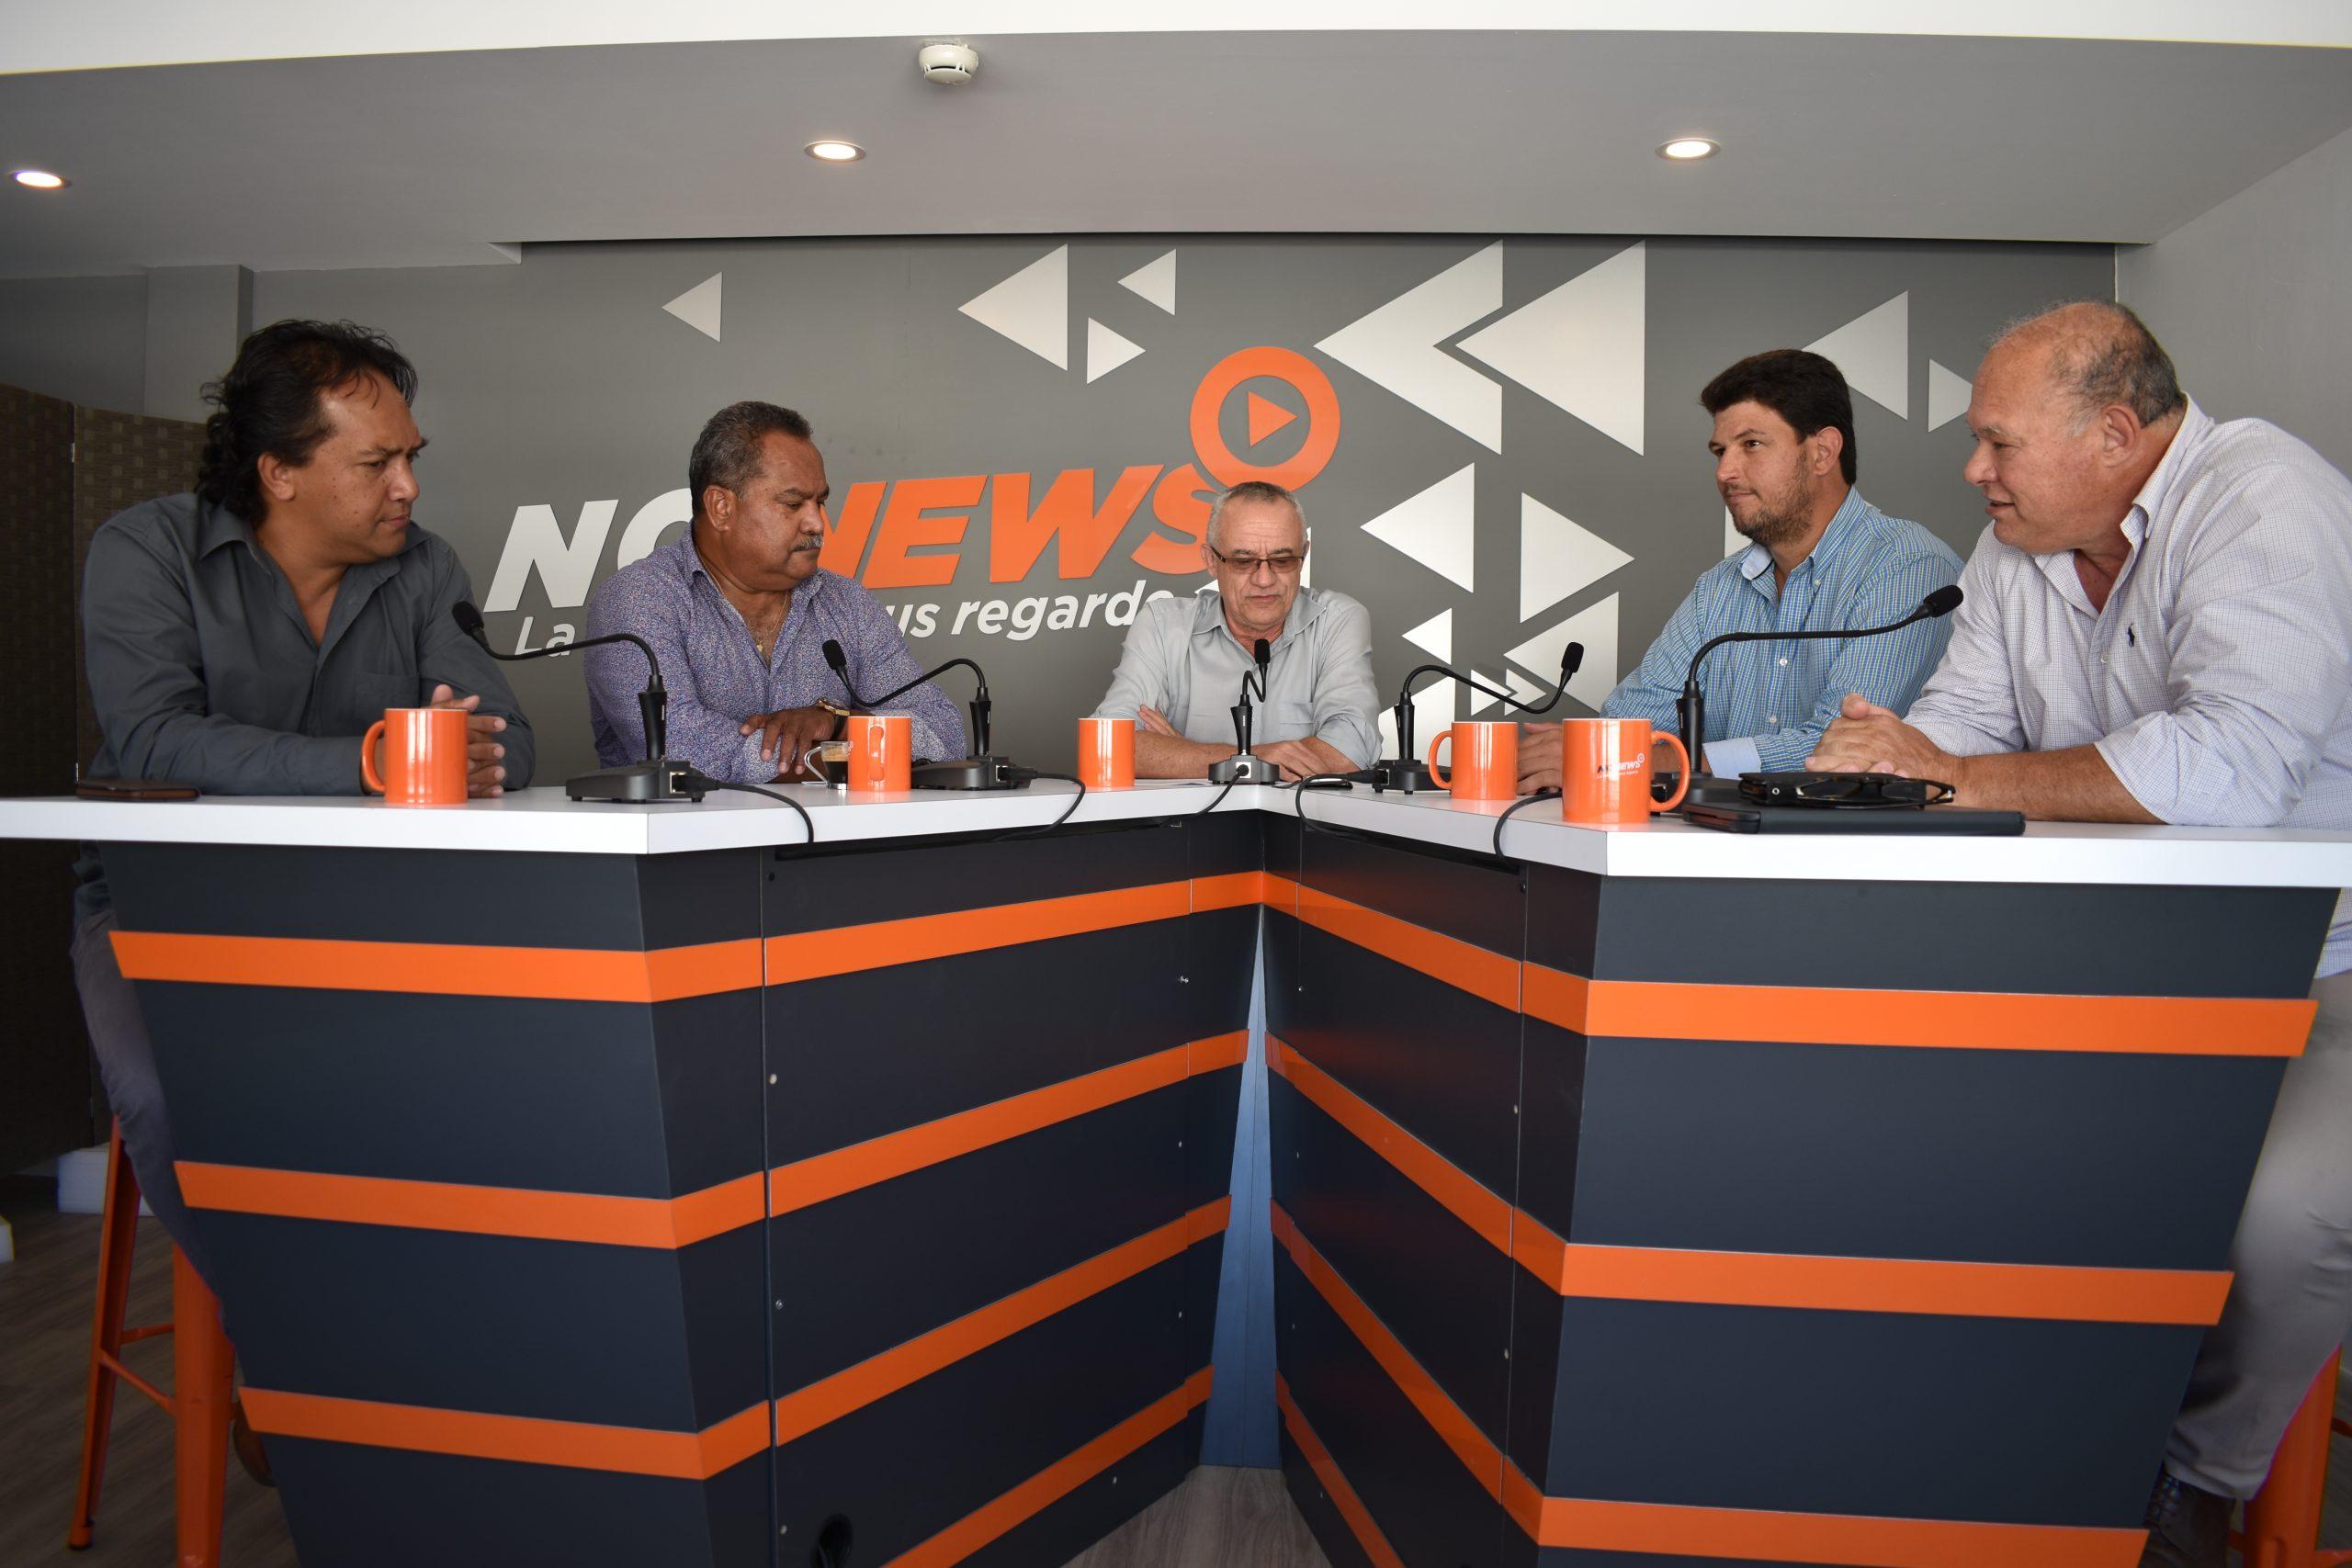 Pierre TUITEALA, secrétaire général du SOENC Nickel, concernant le sujet VALE Nouvelle-Calédonie sur le plateau de NC News, une nouvelle Web TV calédonienne.